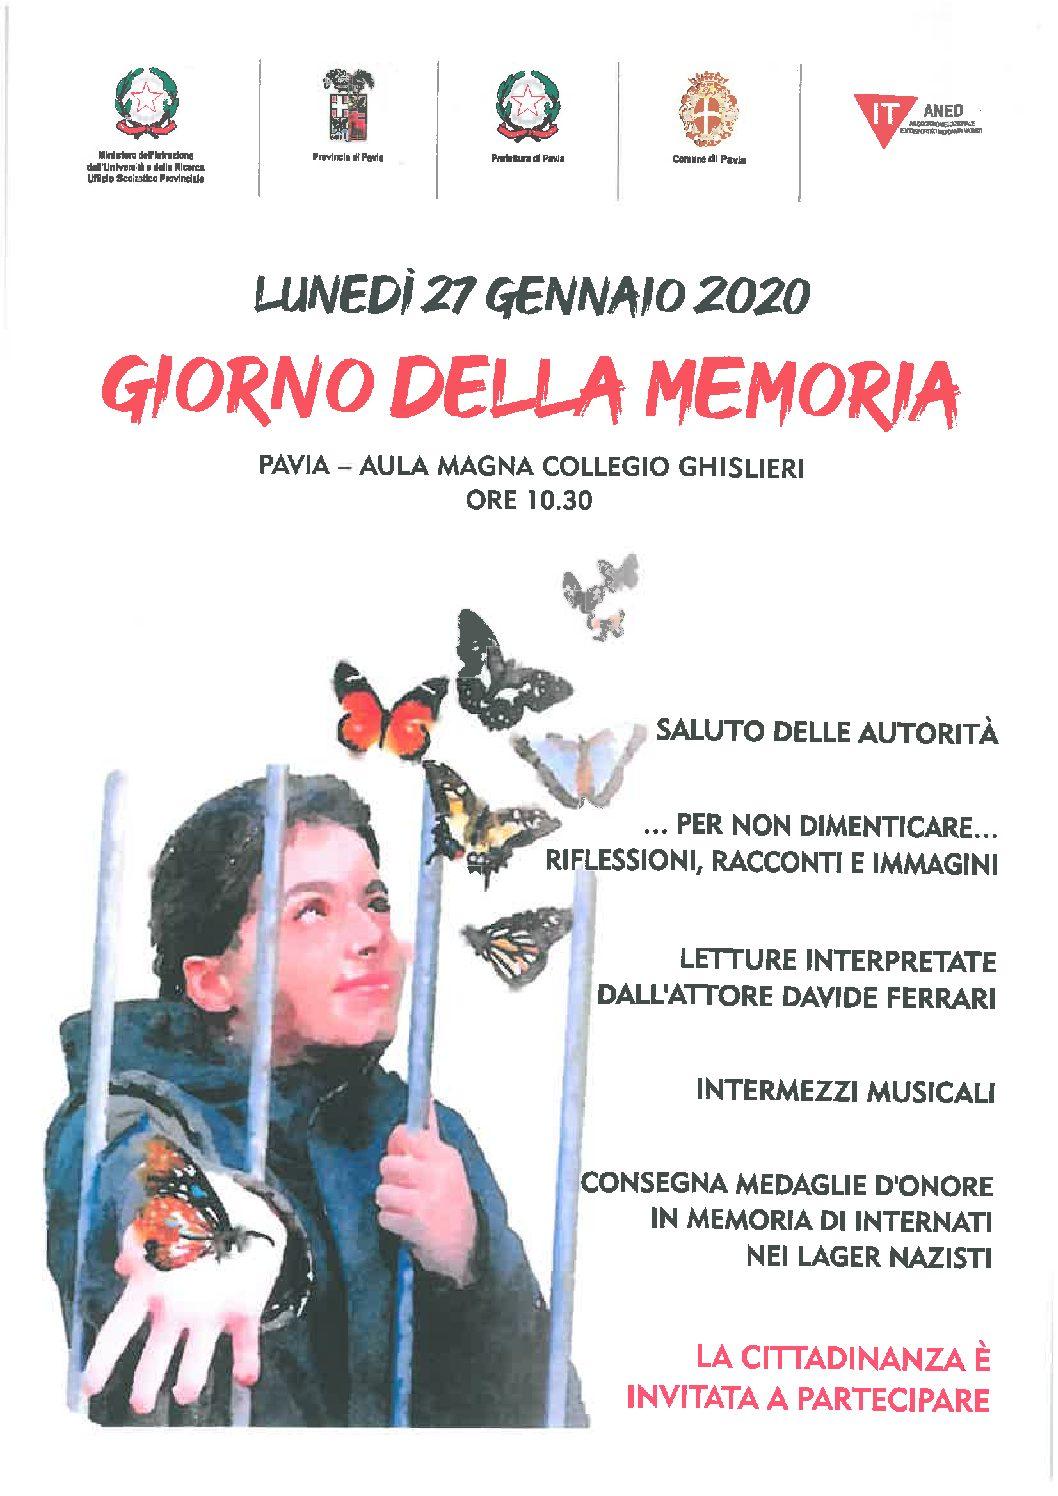 Lunedì 27 gennaio – Giorno della Memoria 2020 a Pavia Aula Magna Collegio Ghislieri